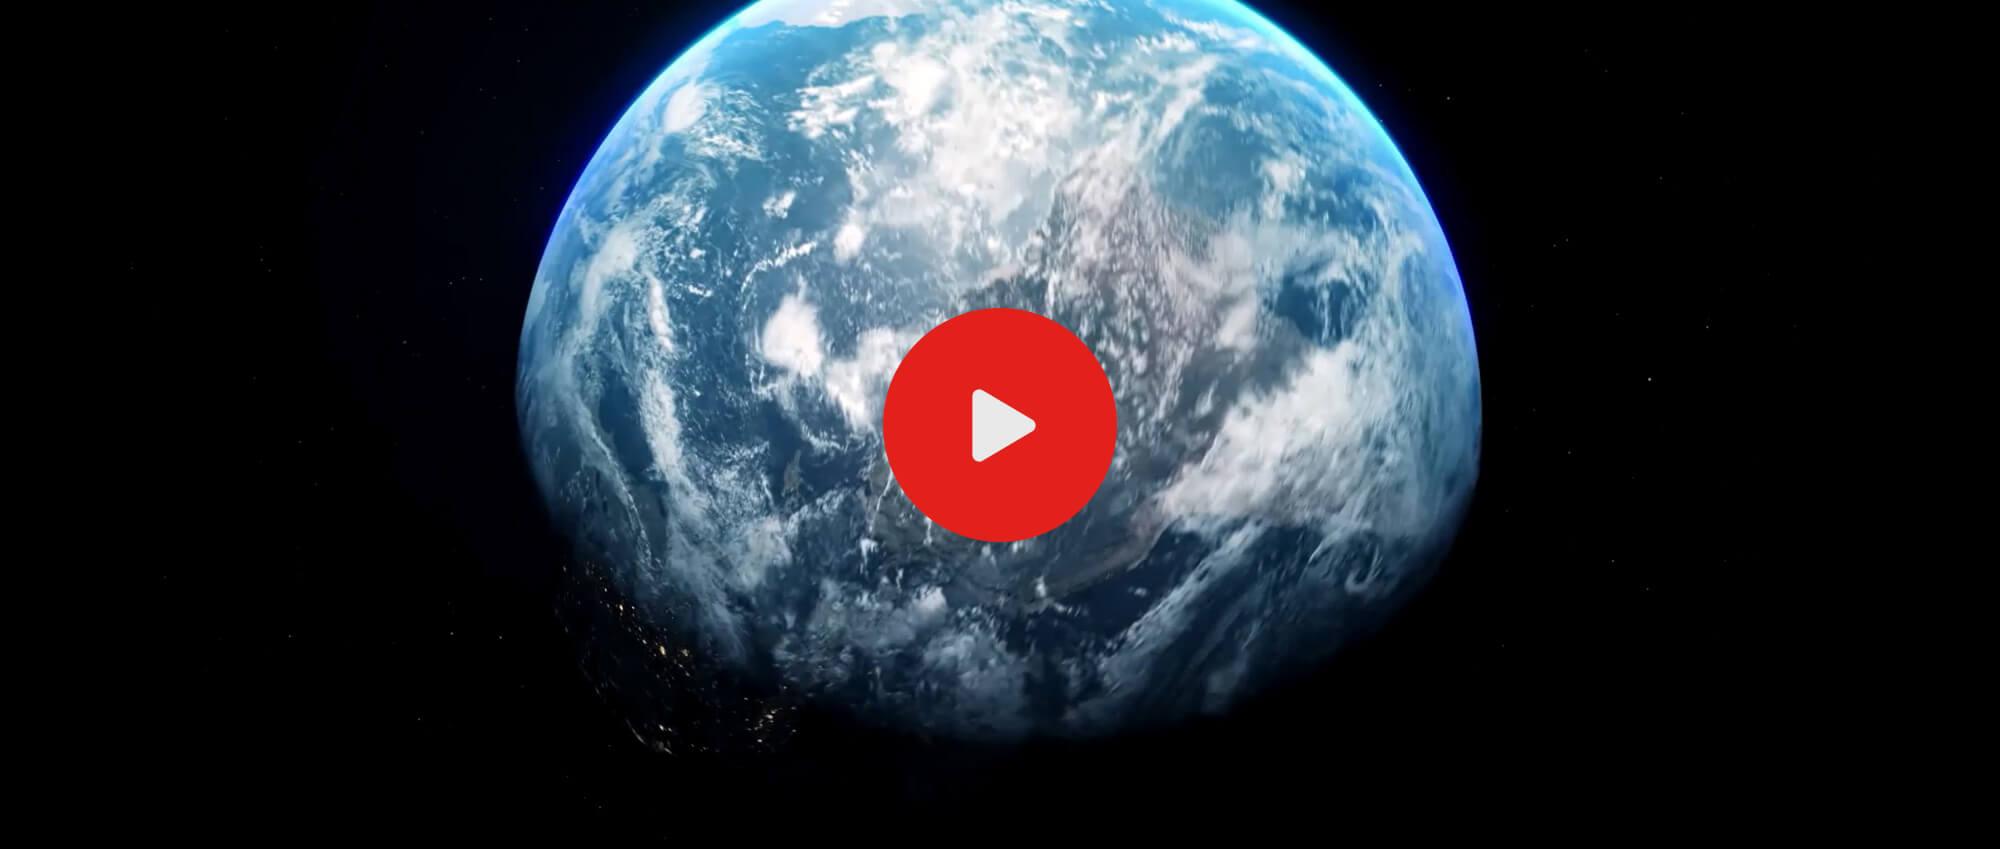 earth-bg.jpg